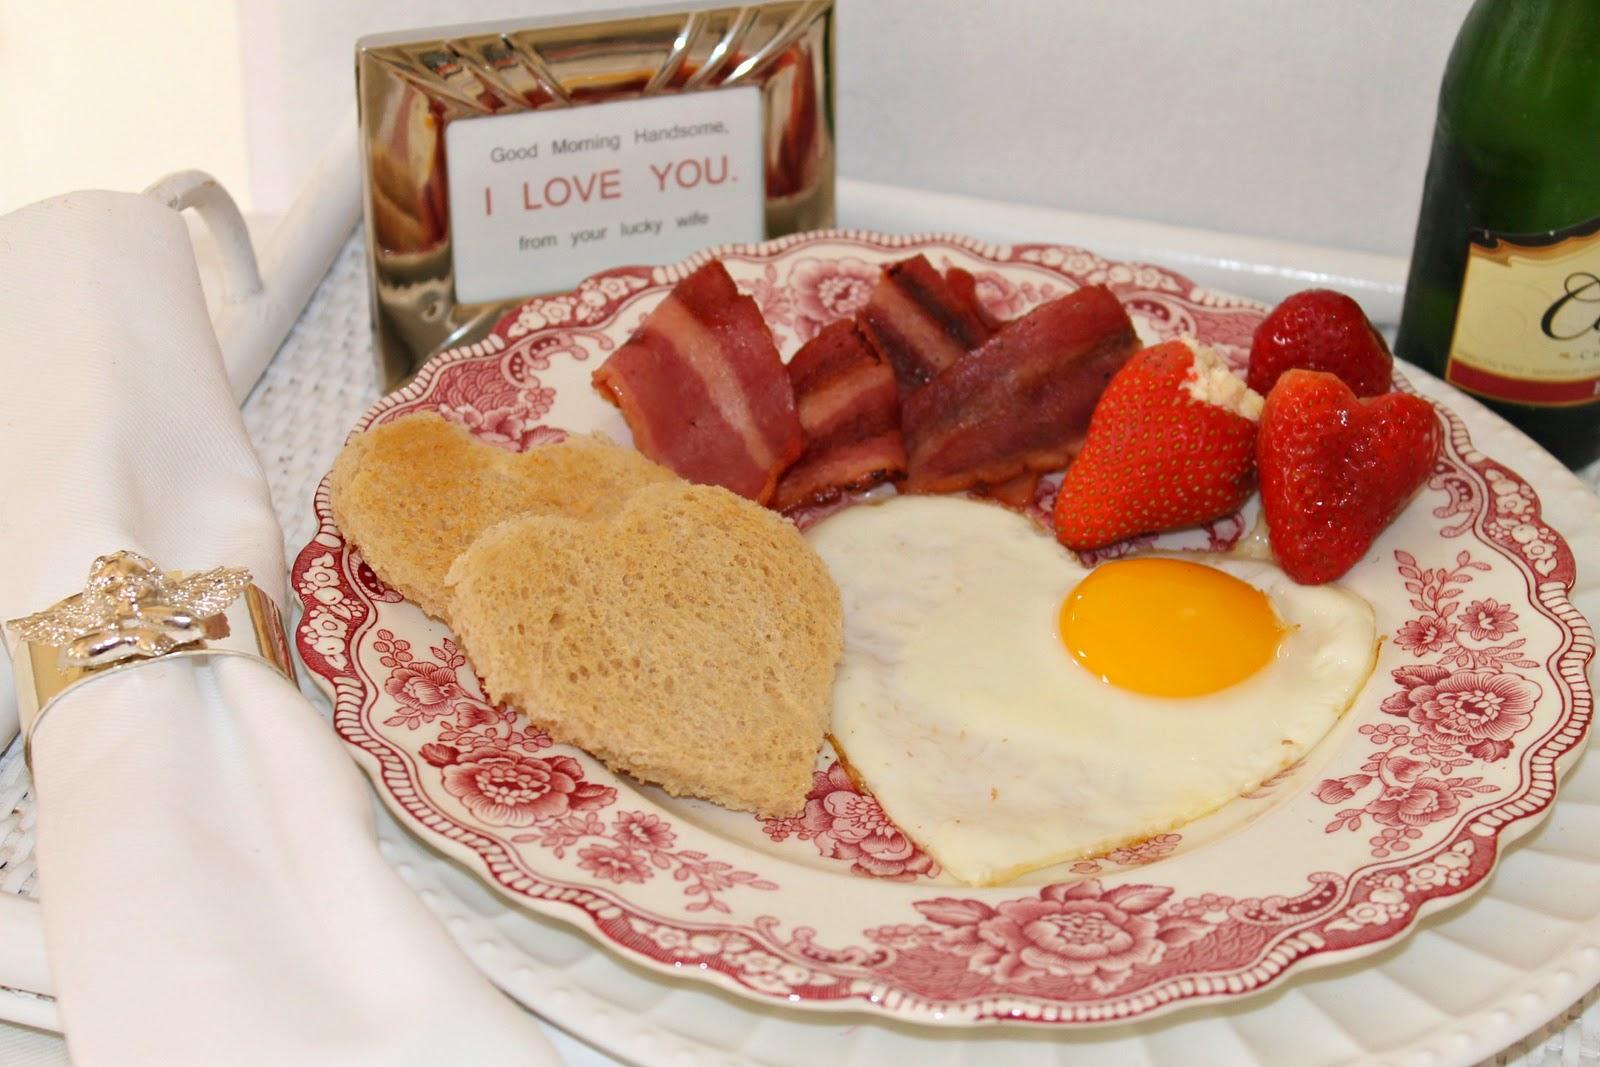 Romantic Breakfast in Bed Ideas